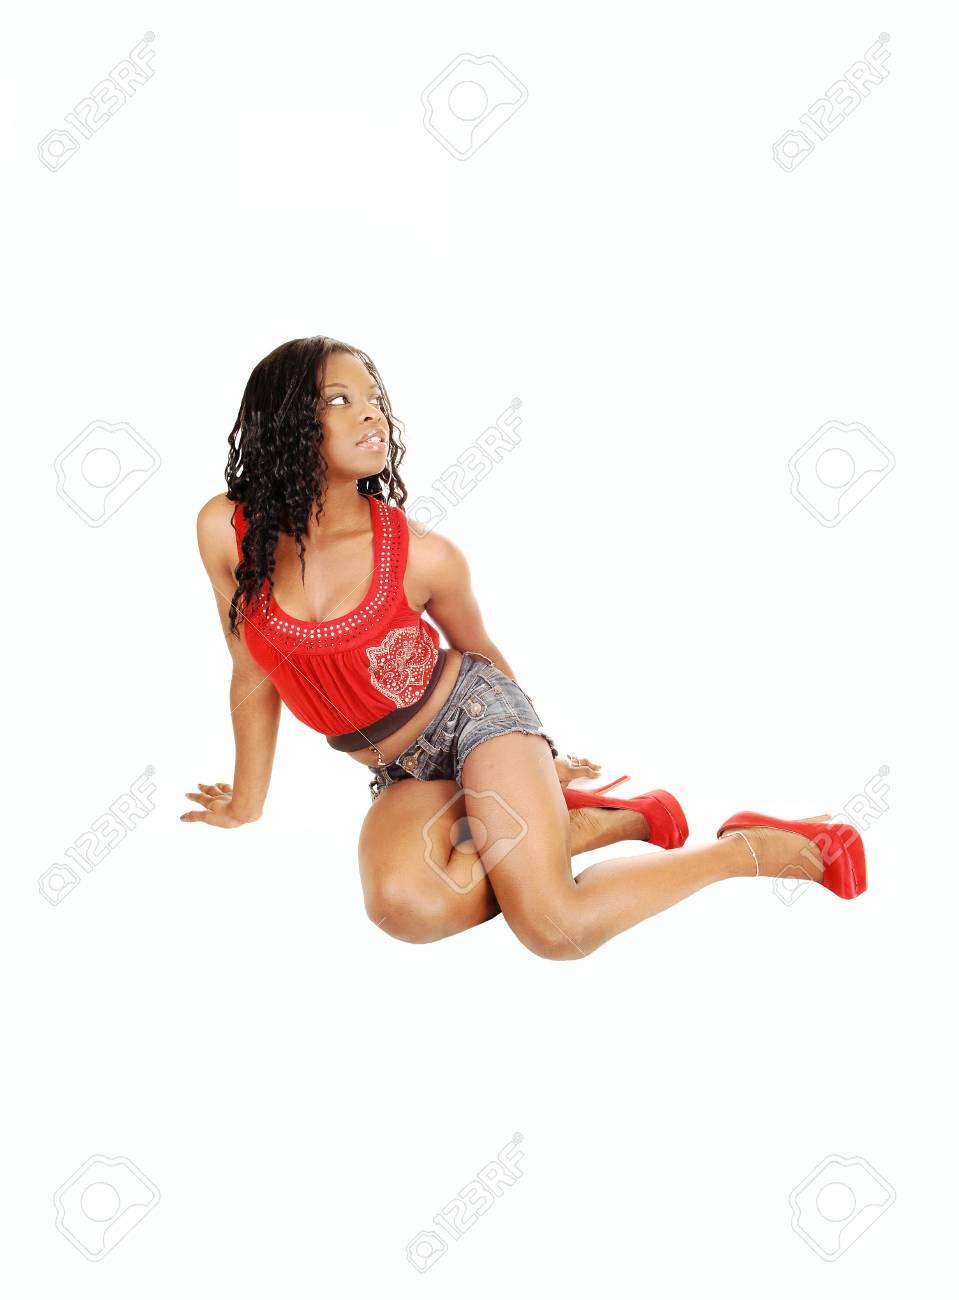 Une belle femme noire assise sur le sol en short en jean et un débardeur rouge, levant les yeux pour fond blanc